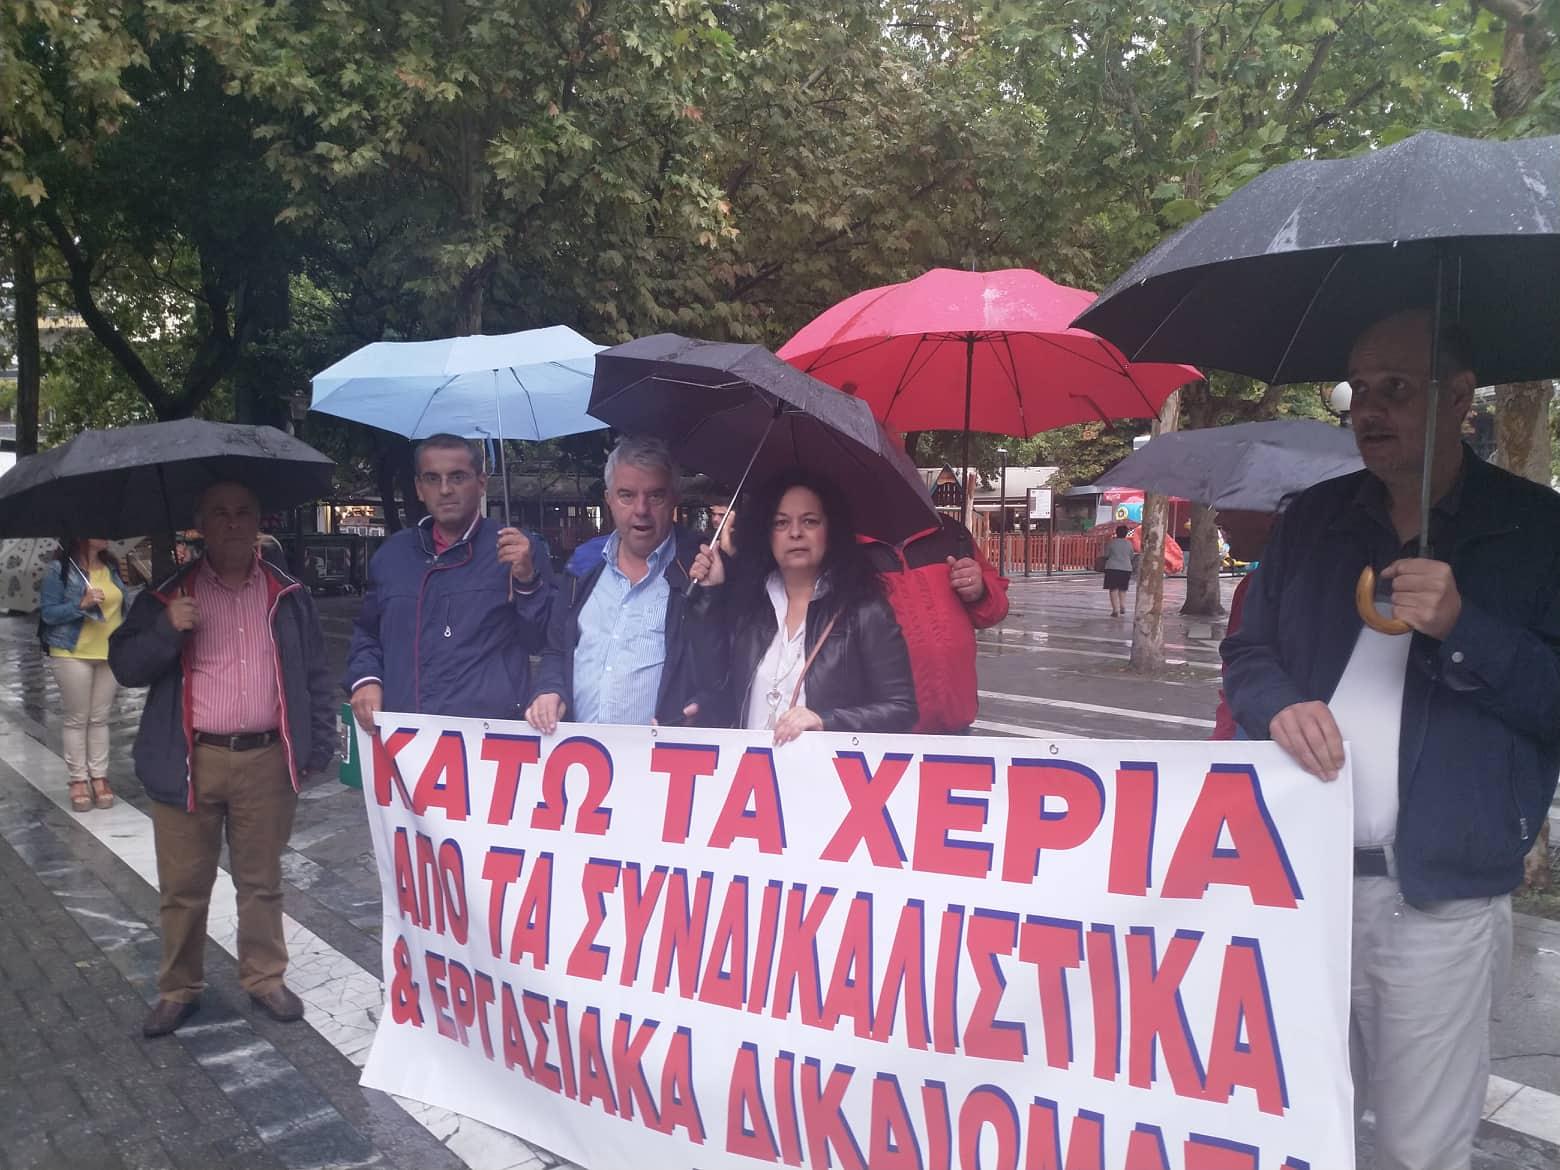 Με ομπρέλες και μικρή συμμετοχή η συγκέντρωση της ΑΔΕΔΥ στη Λάρισα